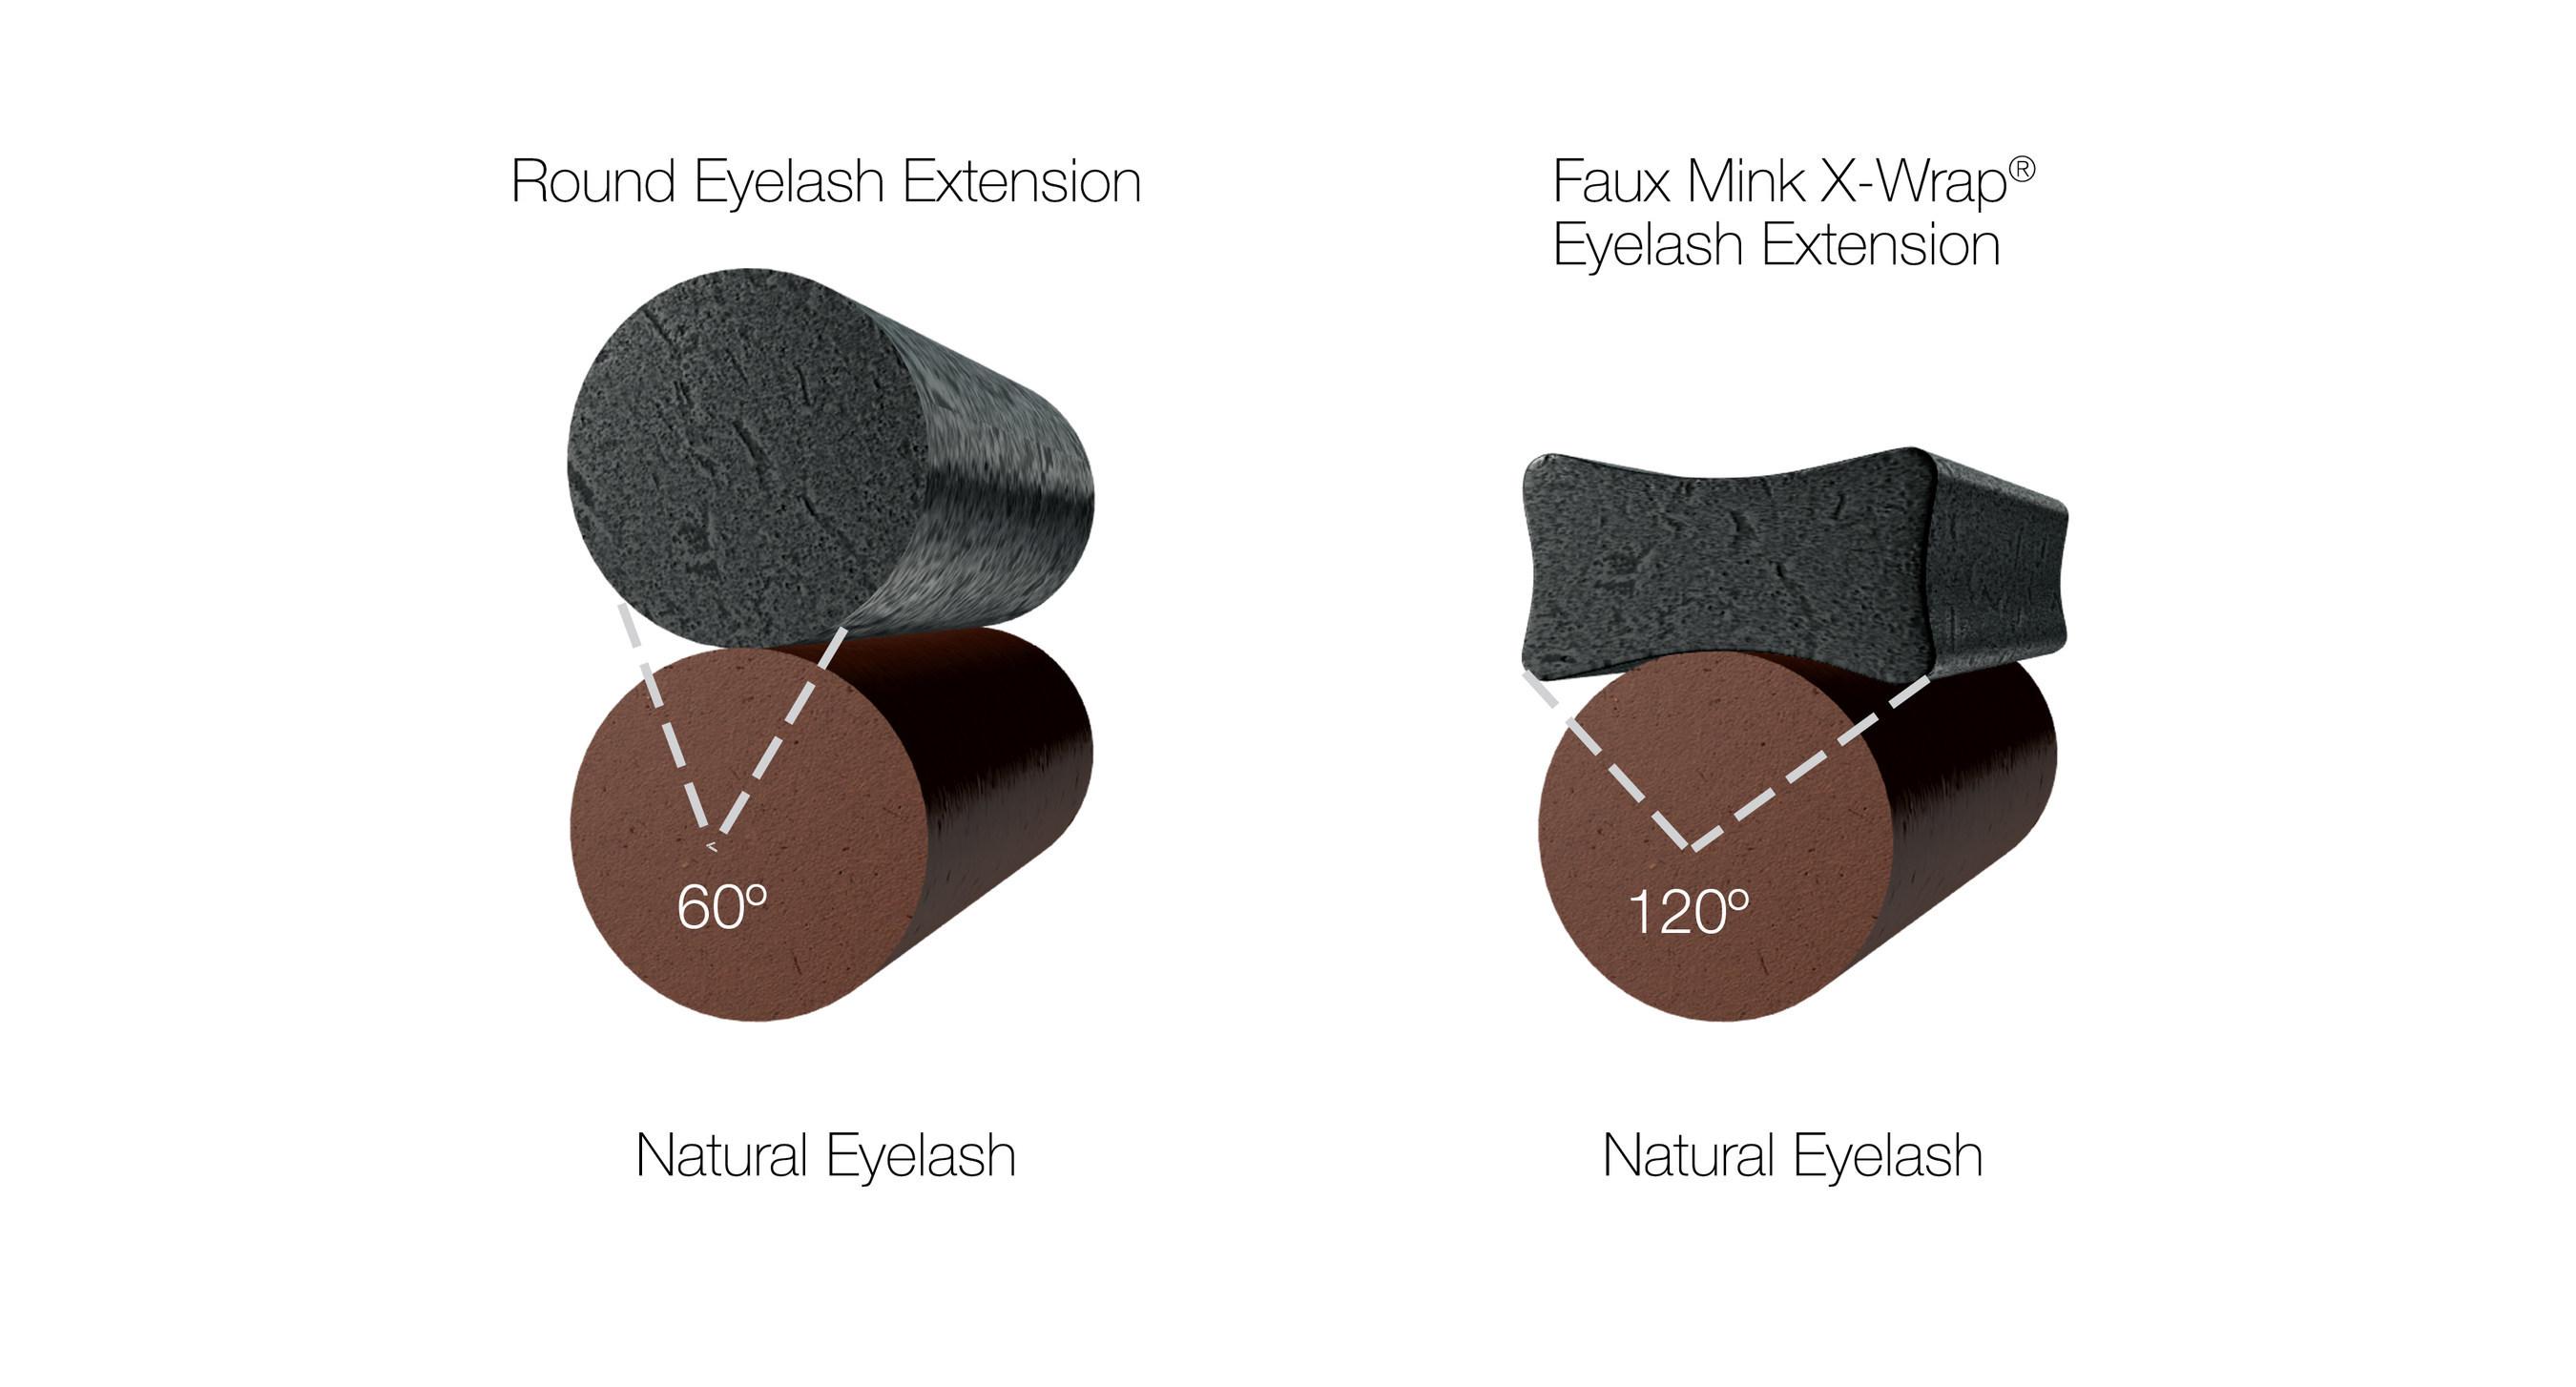 a69ec0908df Xtreme Lashes by Jo Mousselli Expands Faux Mink X-Wrap Lash Line with New Faux  Mink X-Wrap® Gloss